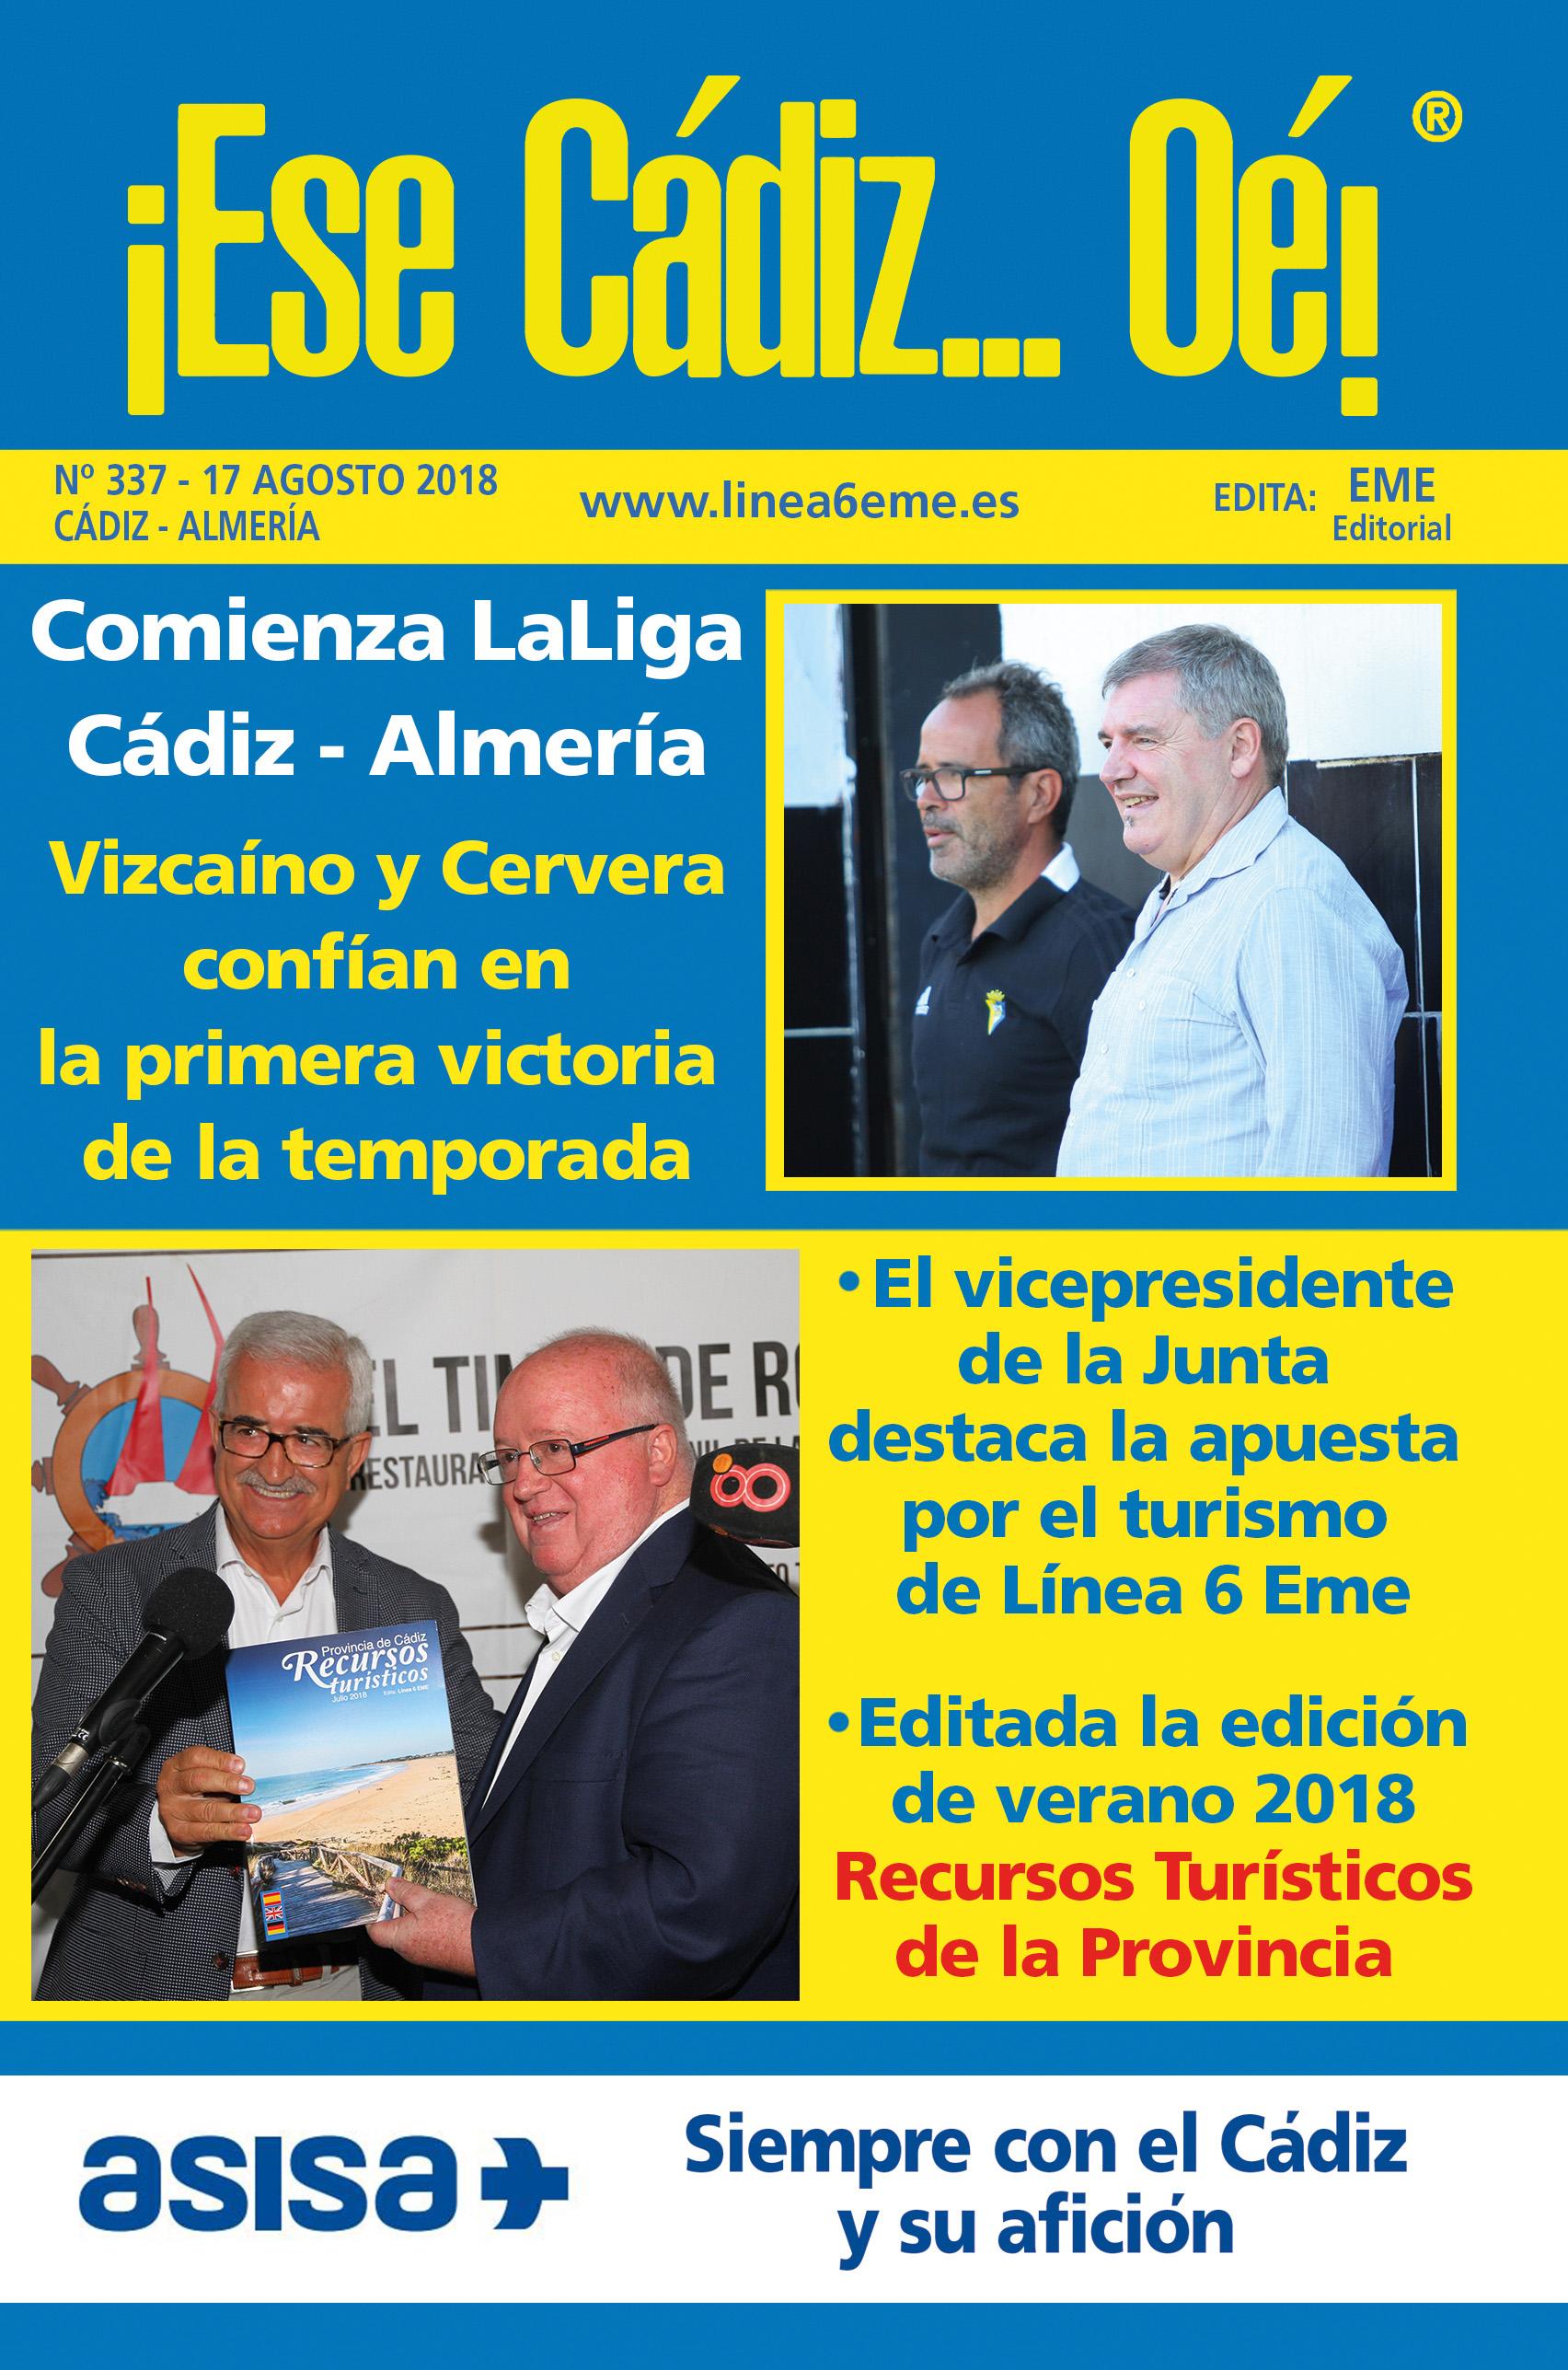 ¡Ese Cádiz…Oé! núm. 337 Temporada 2018/19